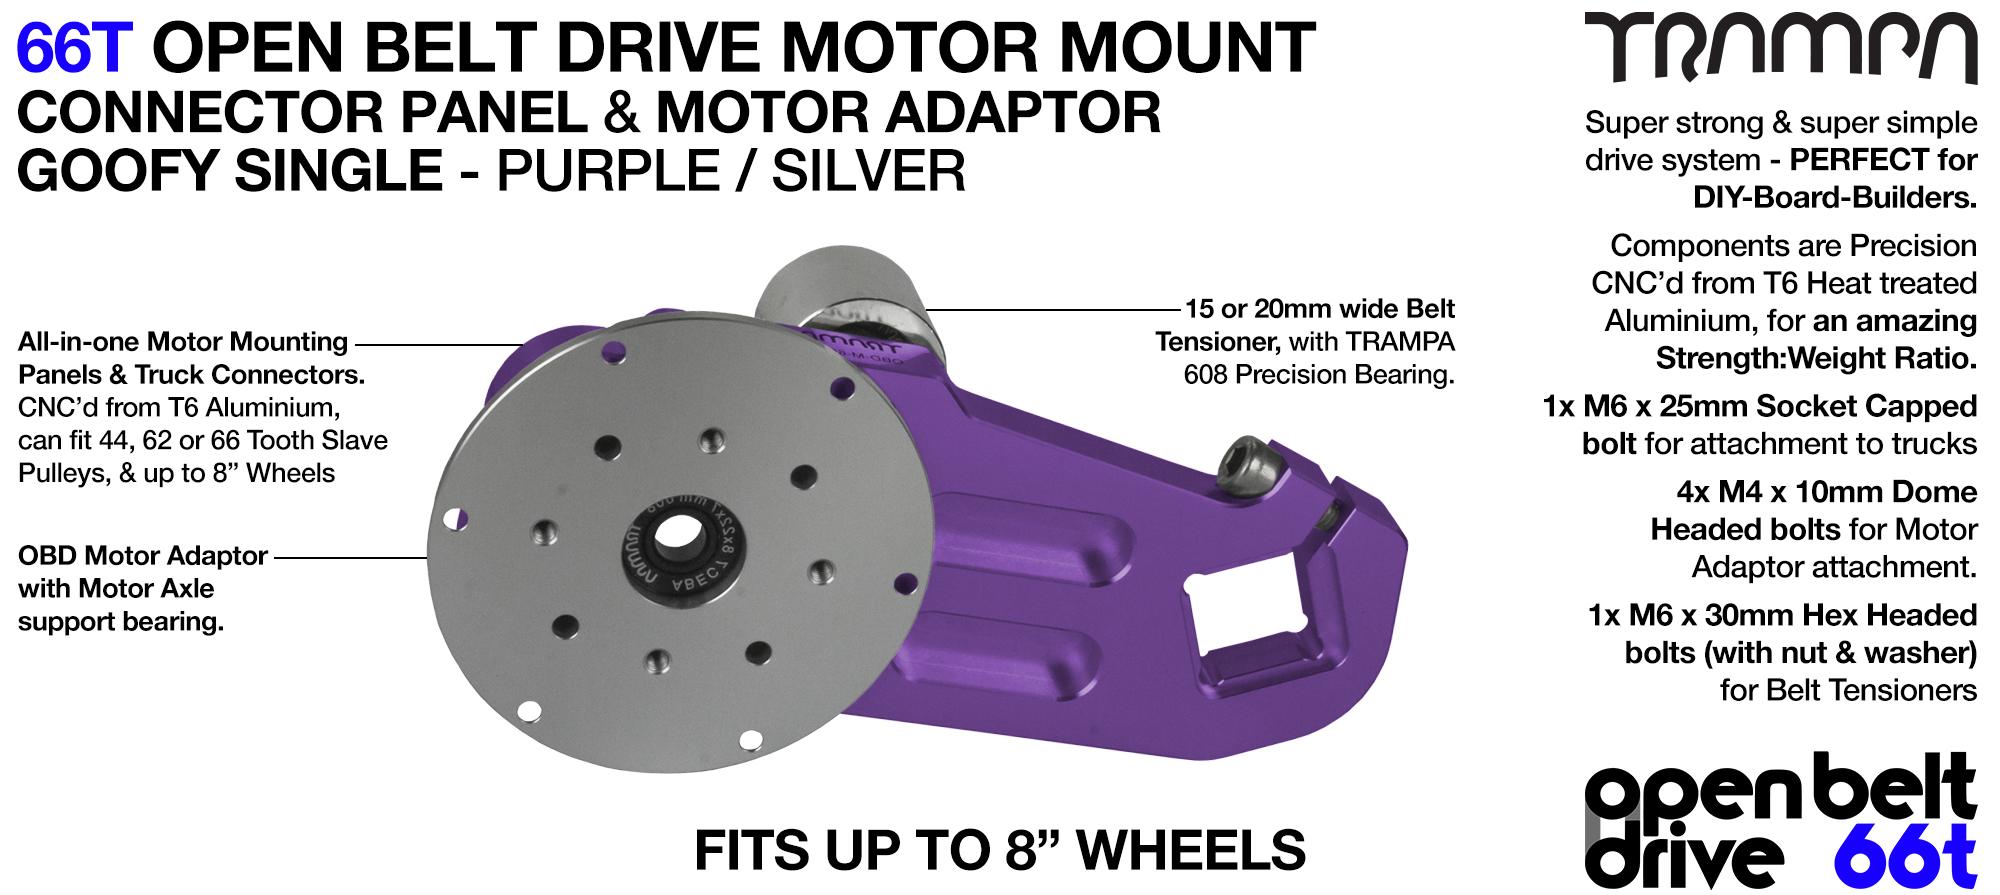 66T OPEN BELT DRIVE Motor Mount & Motor Adaptor - SINGLE PURPLE